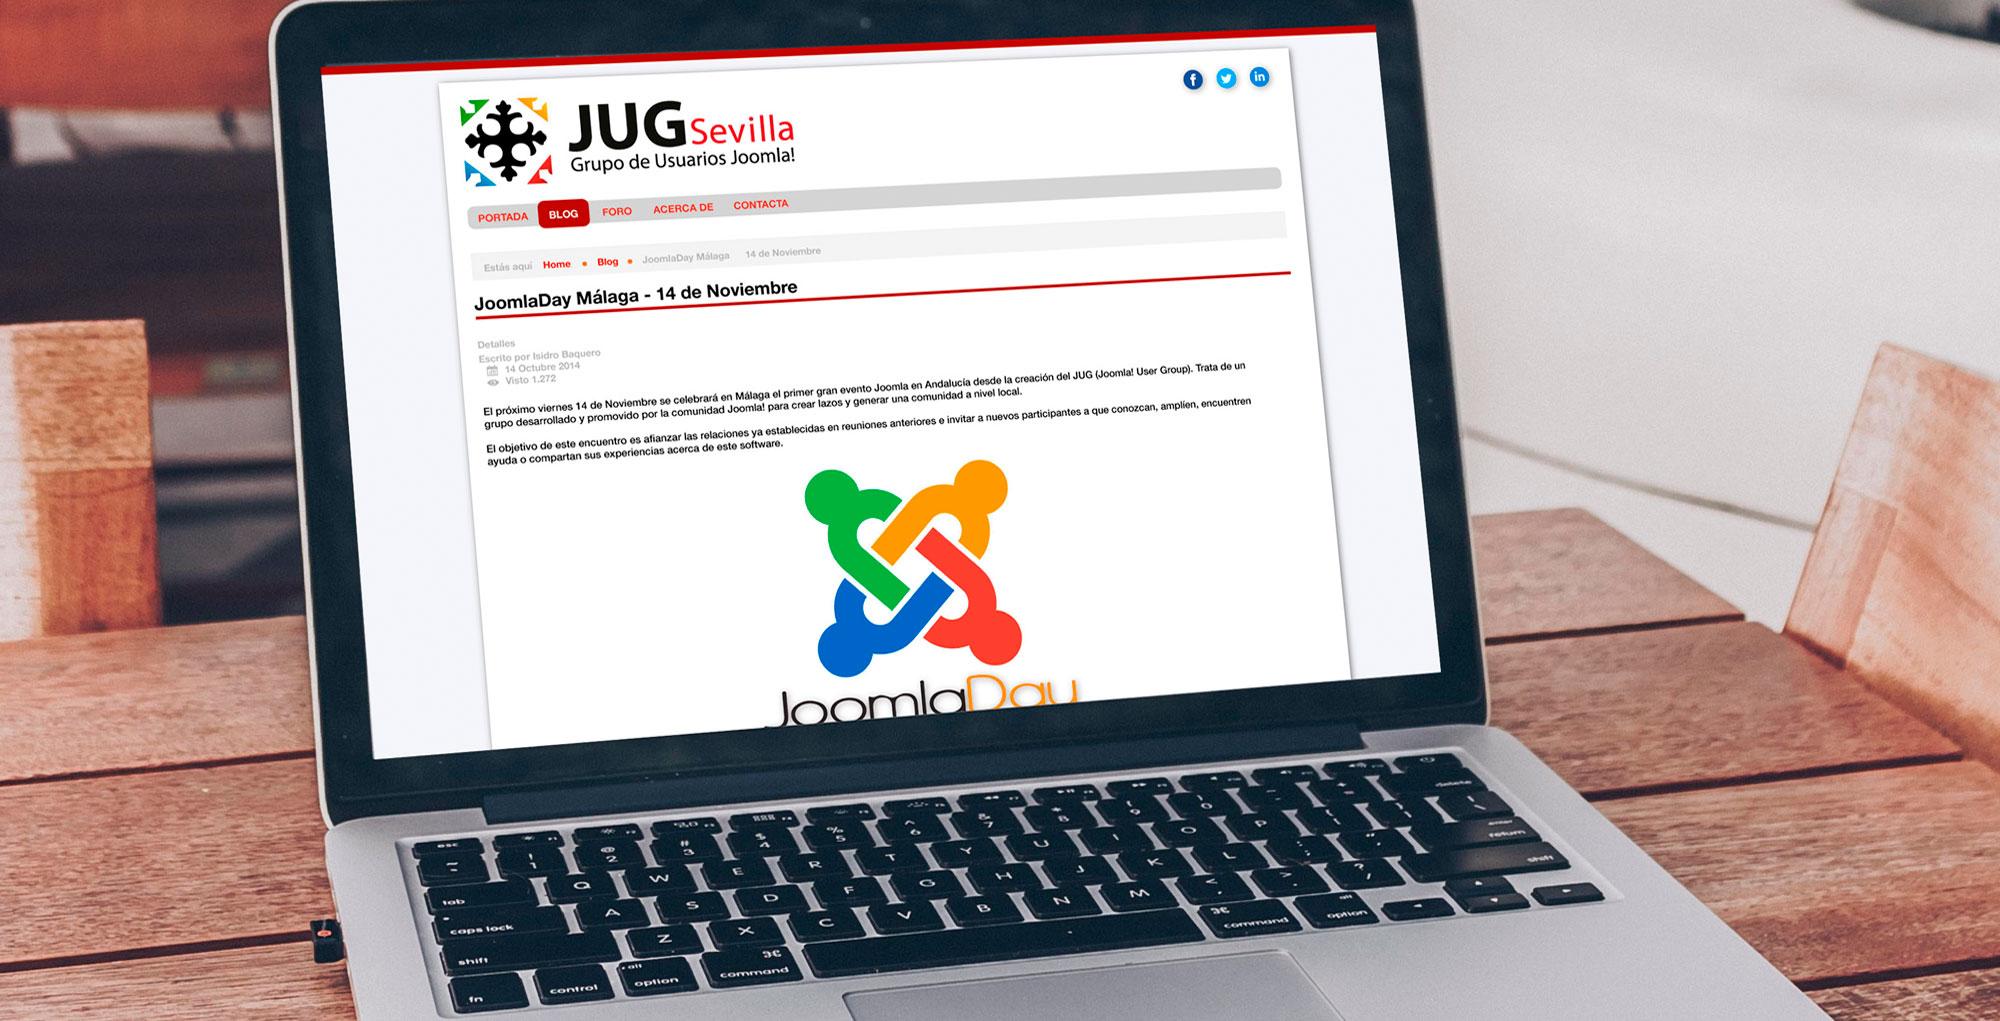 JUG-Sevilla-logo